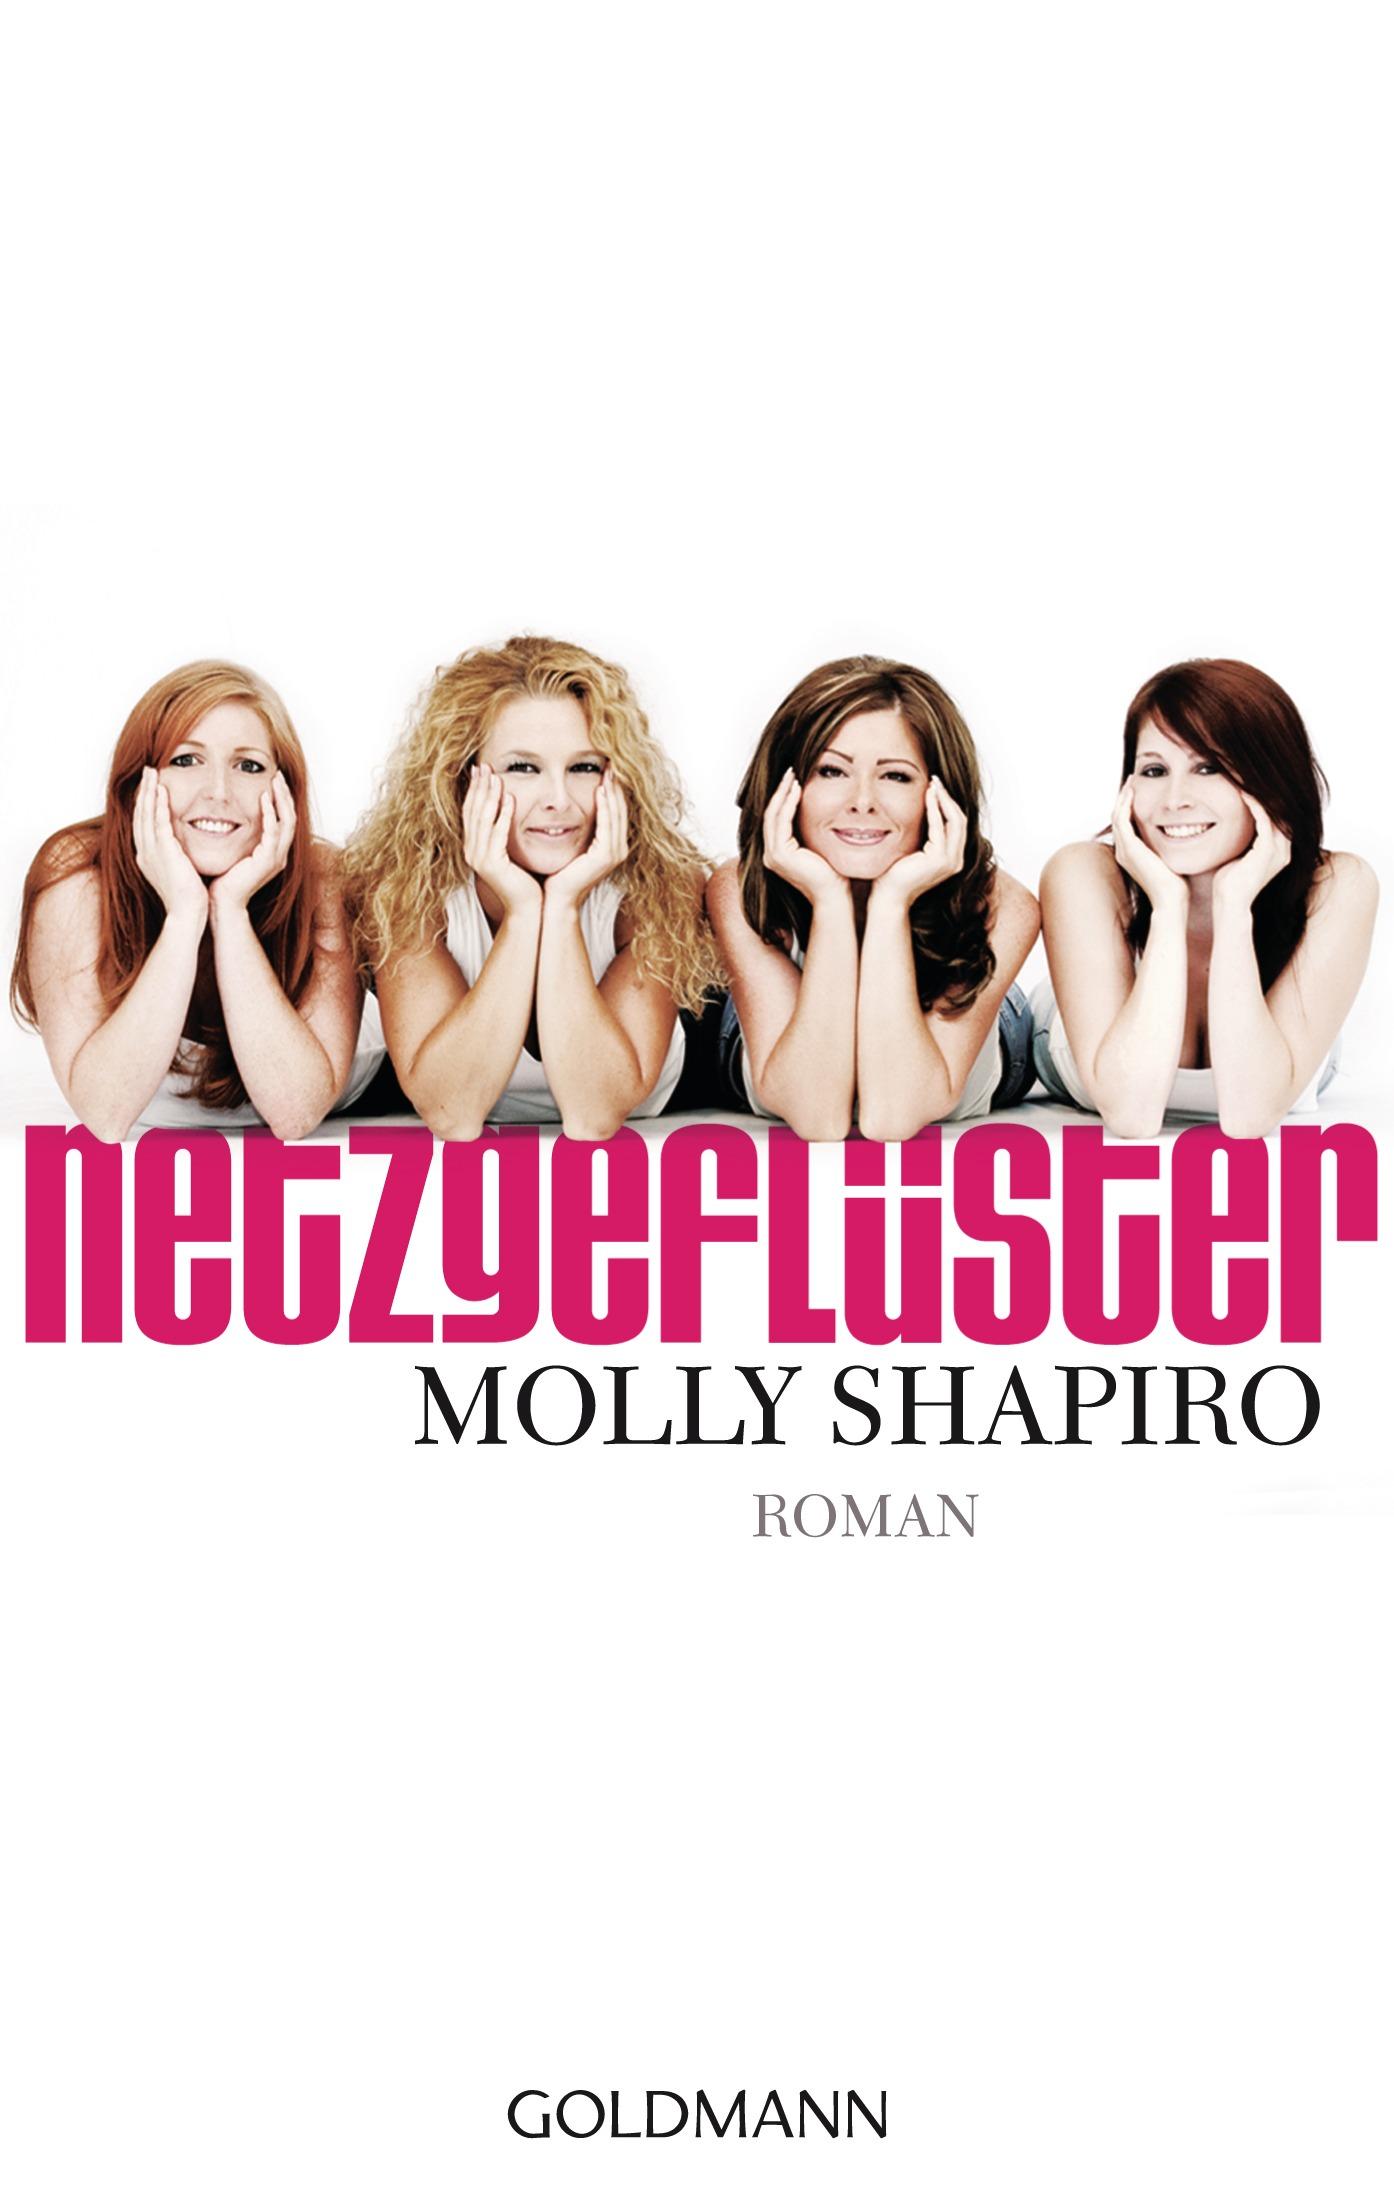 Netzgeflüster Molly Shapiro